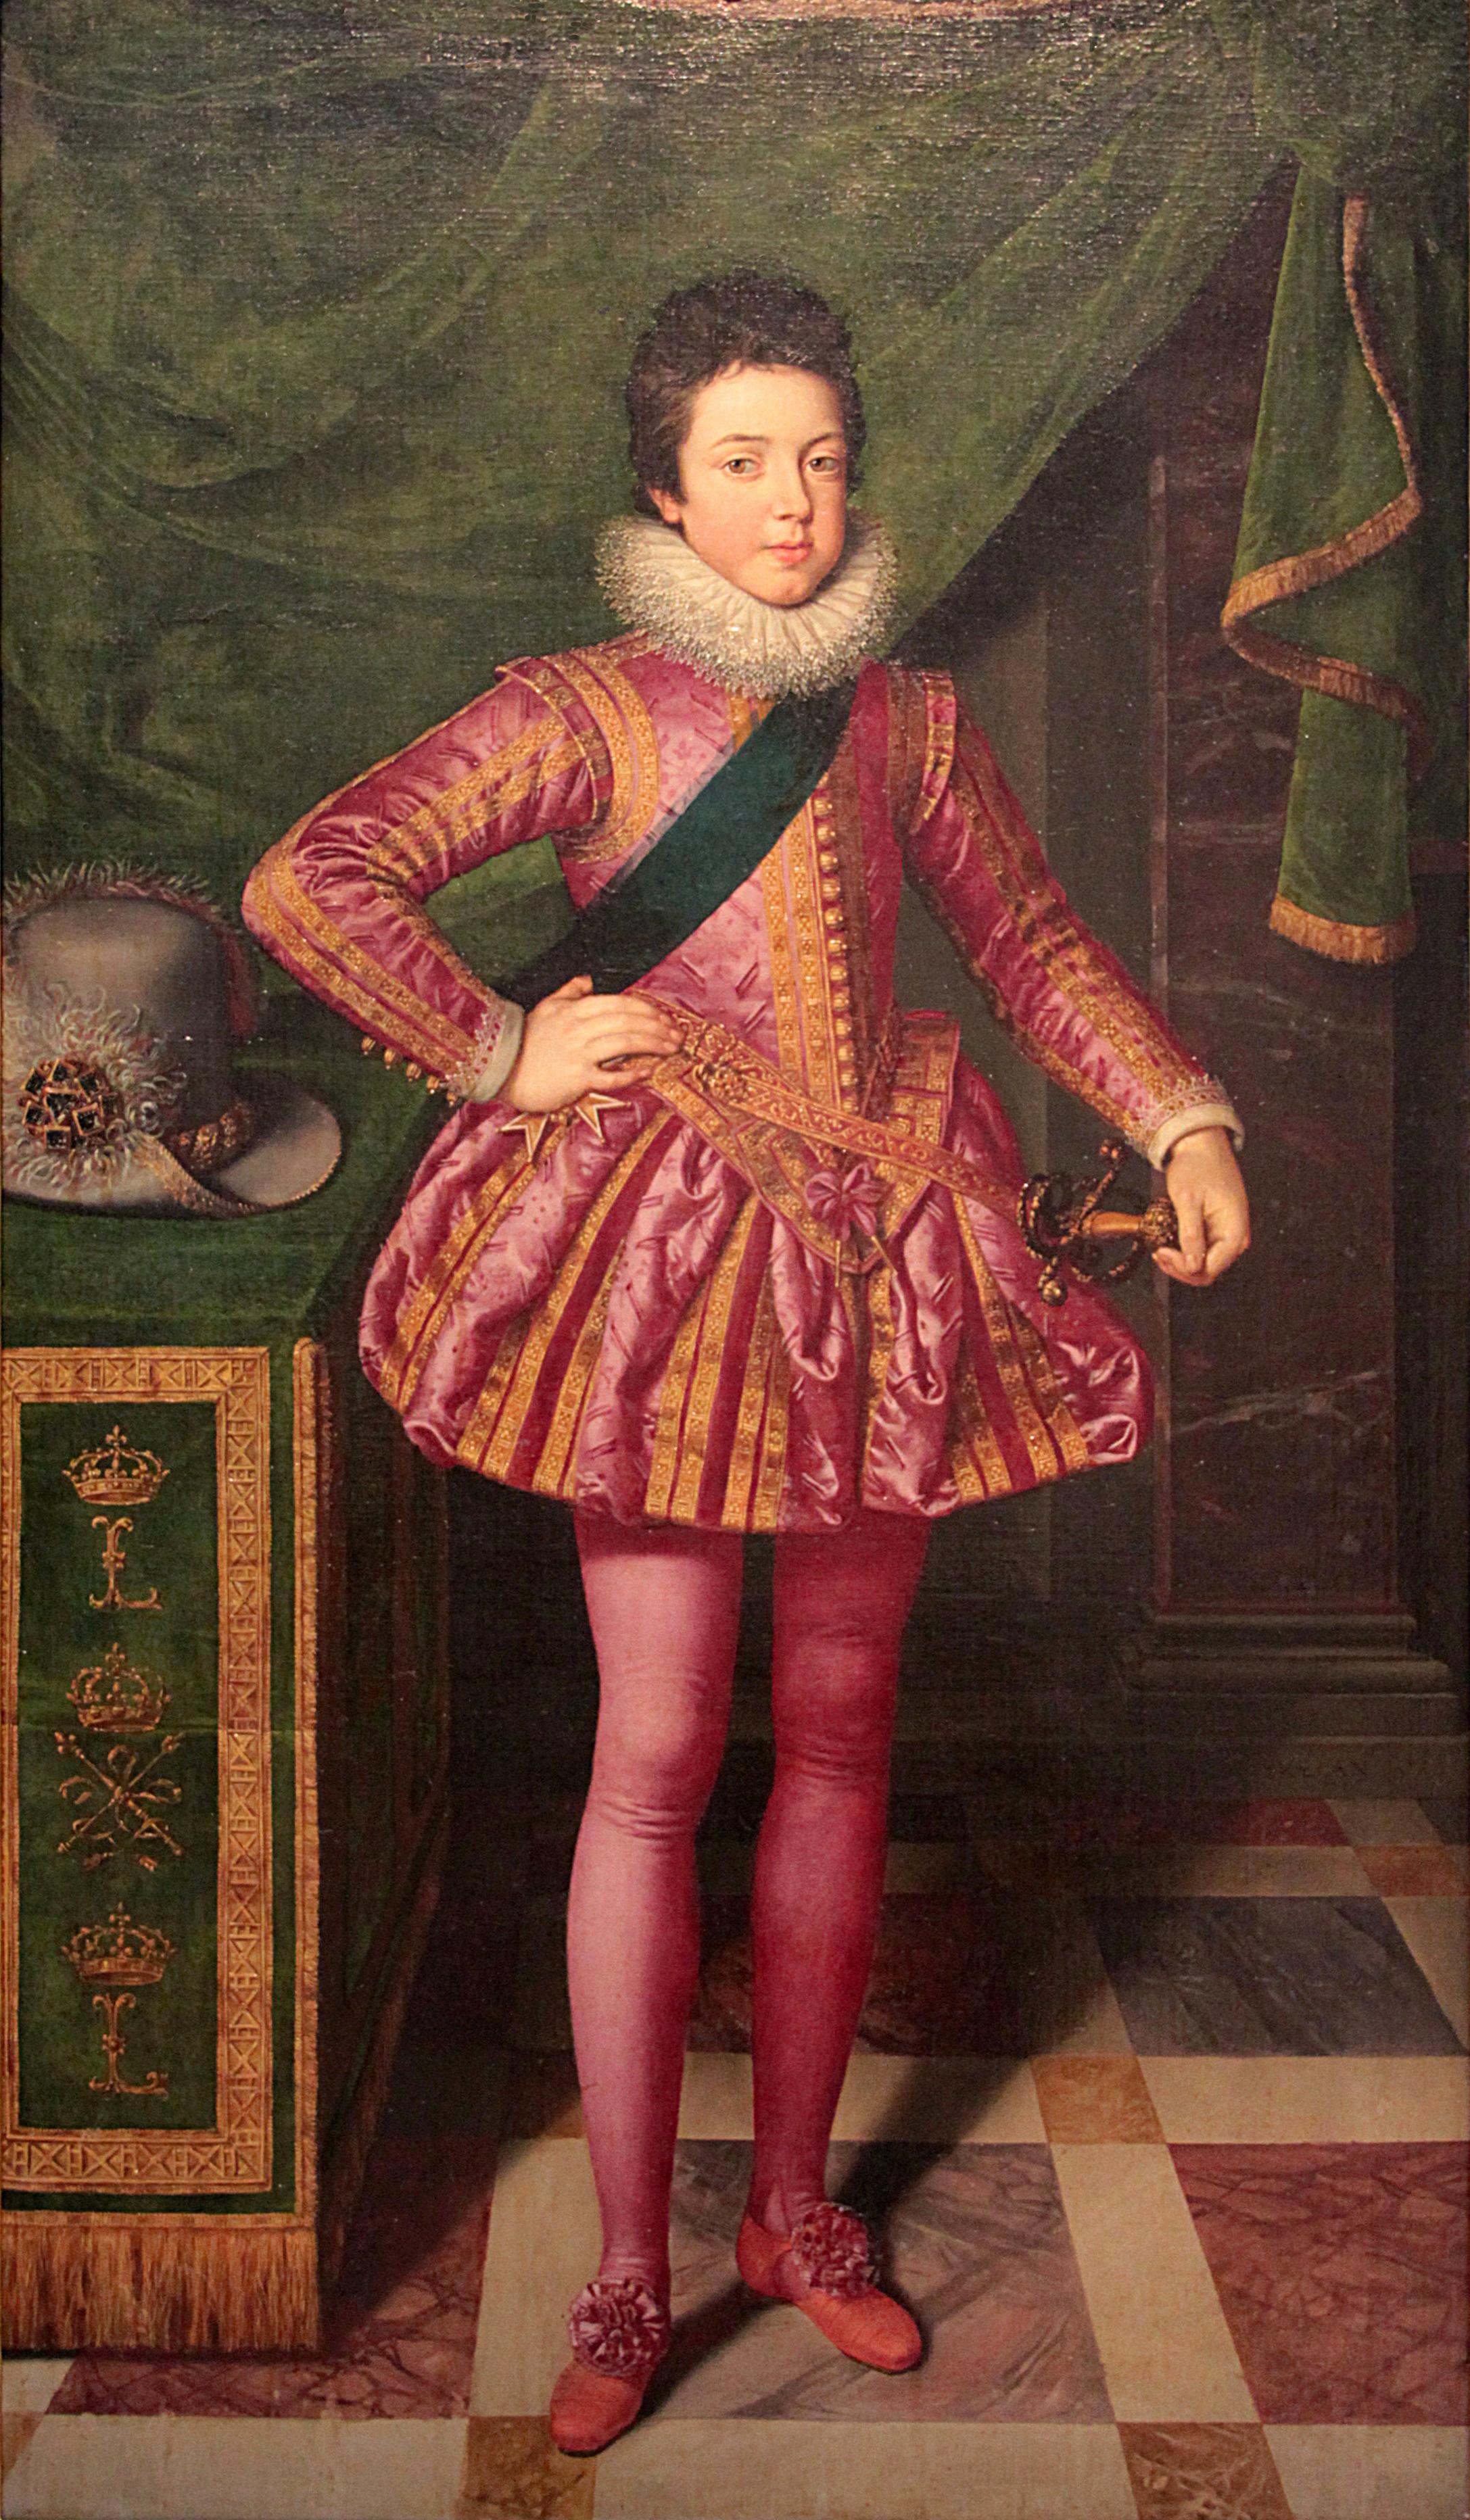 A gyermek XIII. Lajos portréja (forrás: Wikipedia)